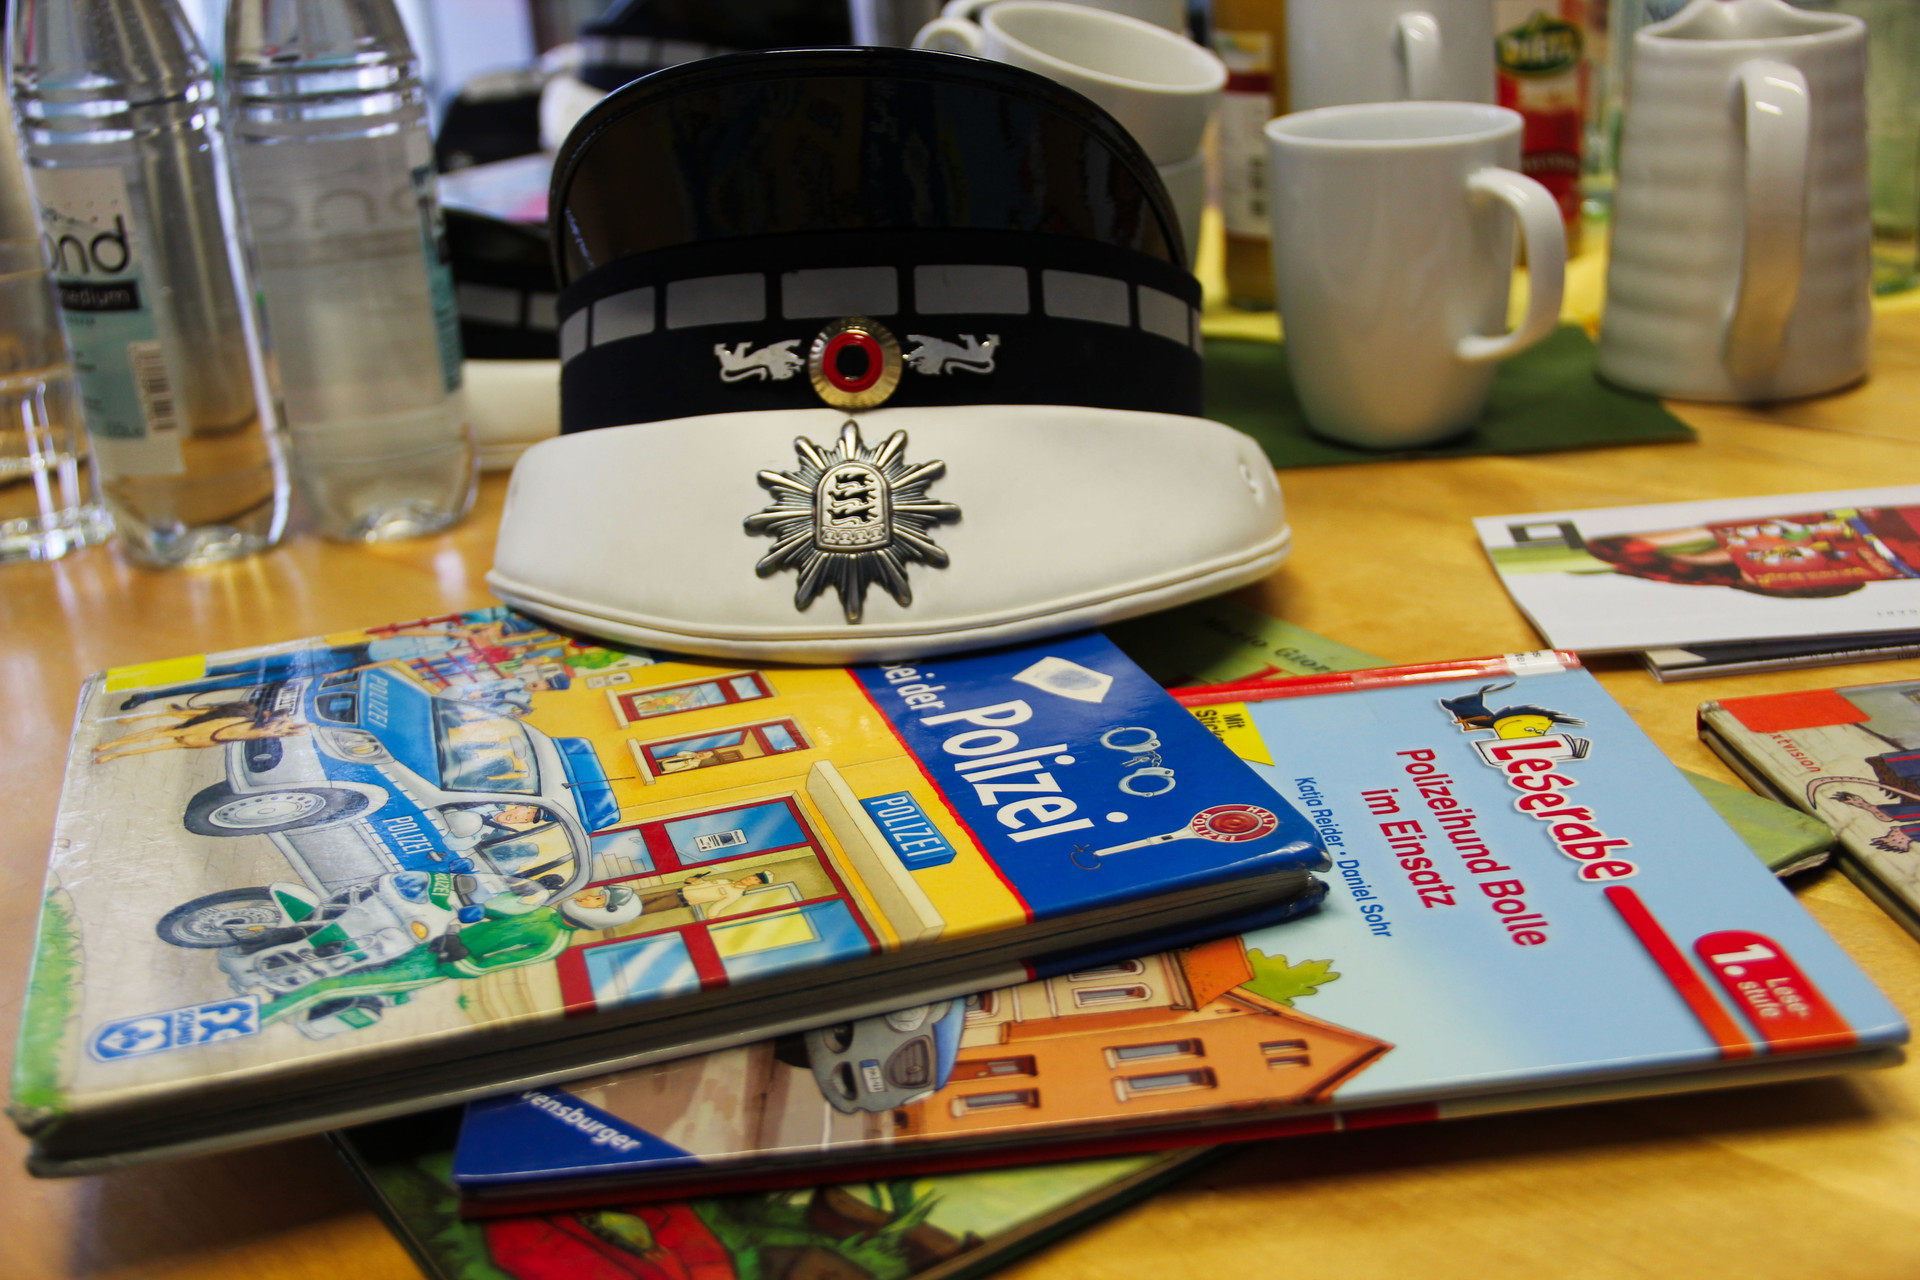 Leseohren spezial': Polizeikommissare